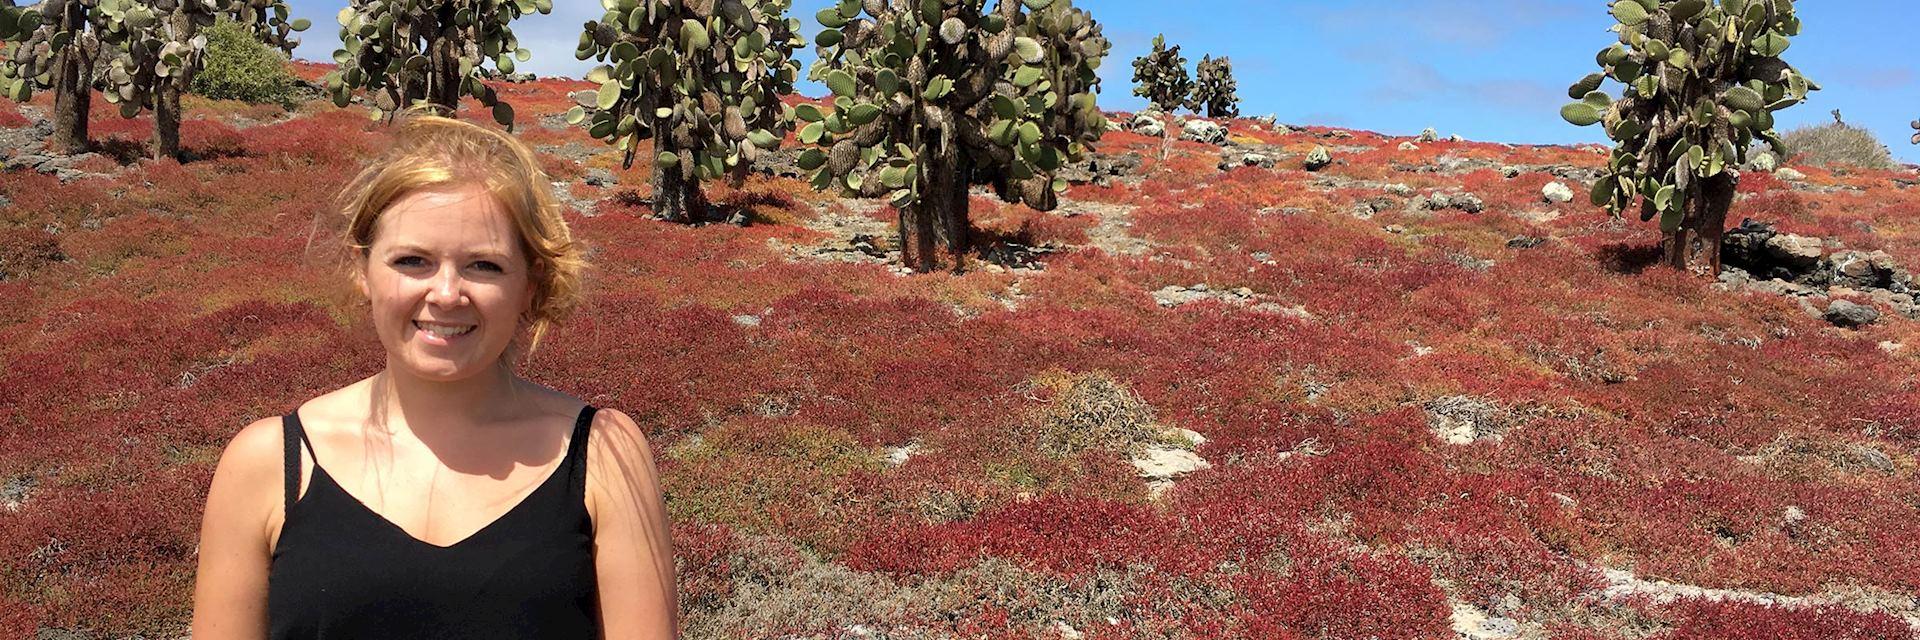 Rosalind visiting the Galapagos Islands